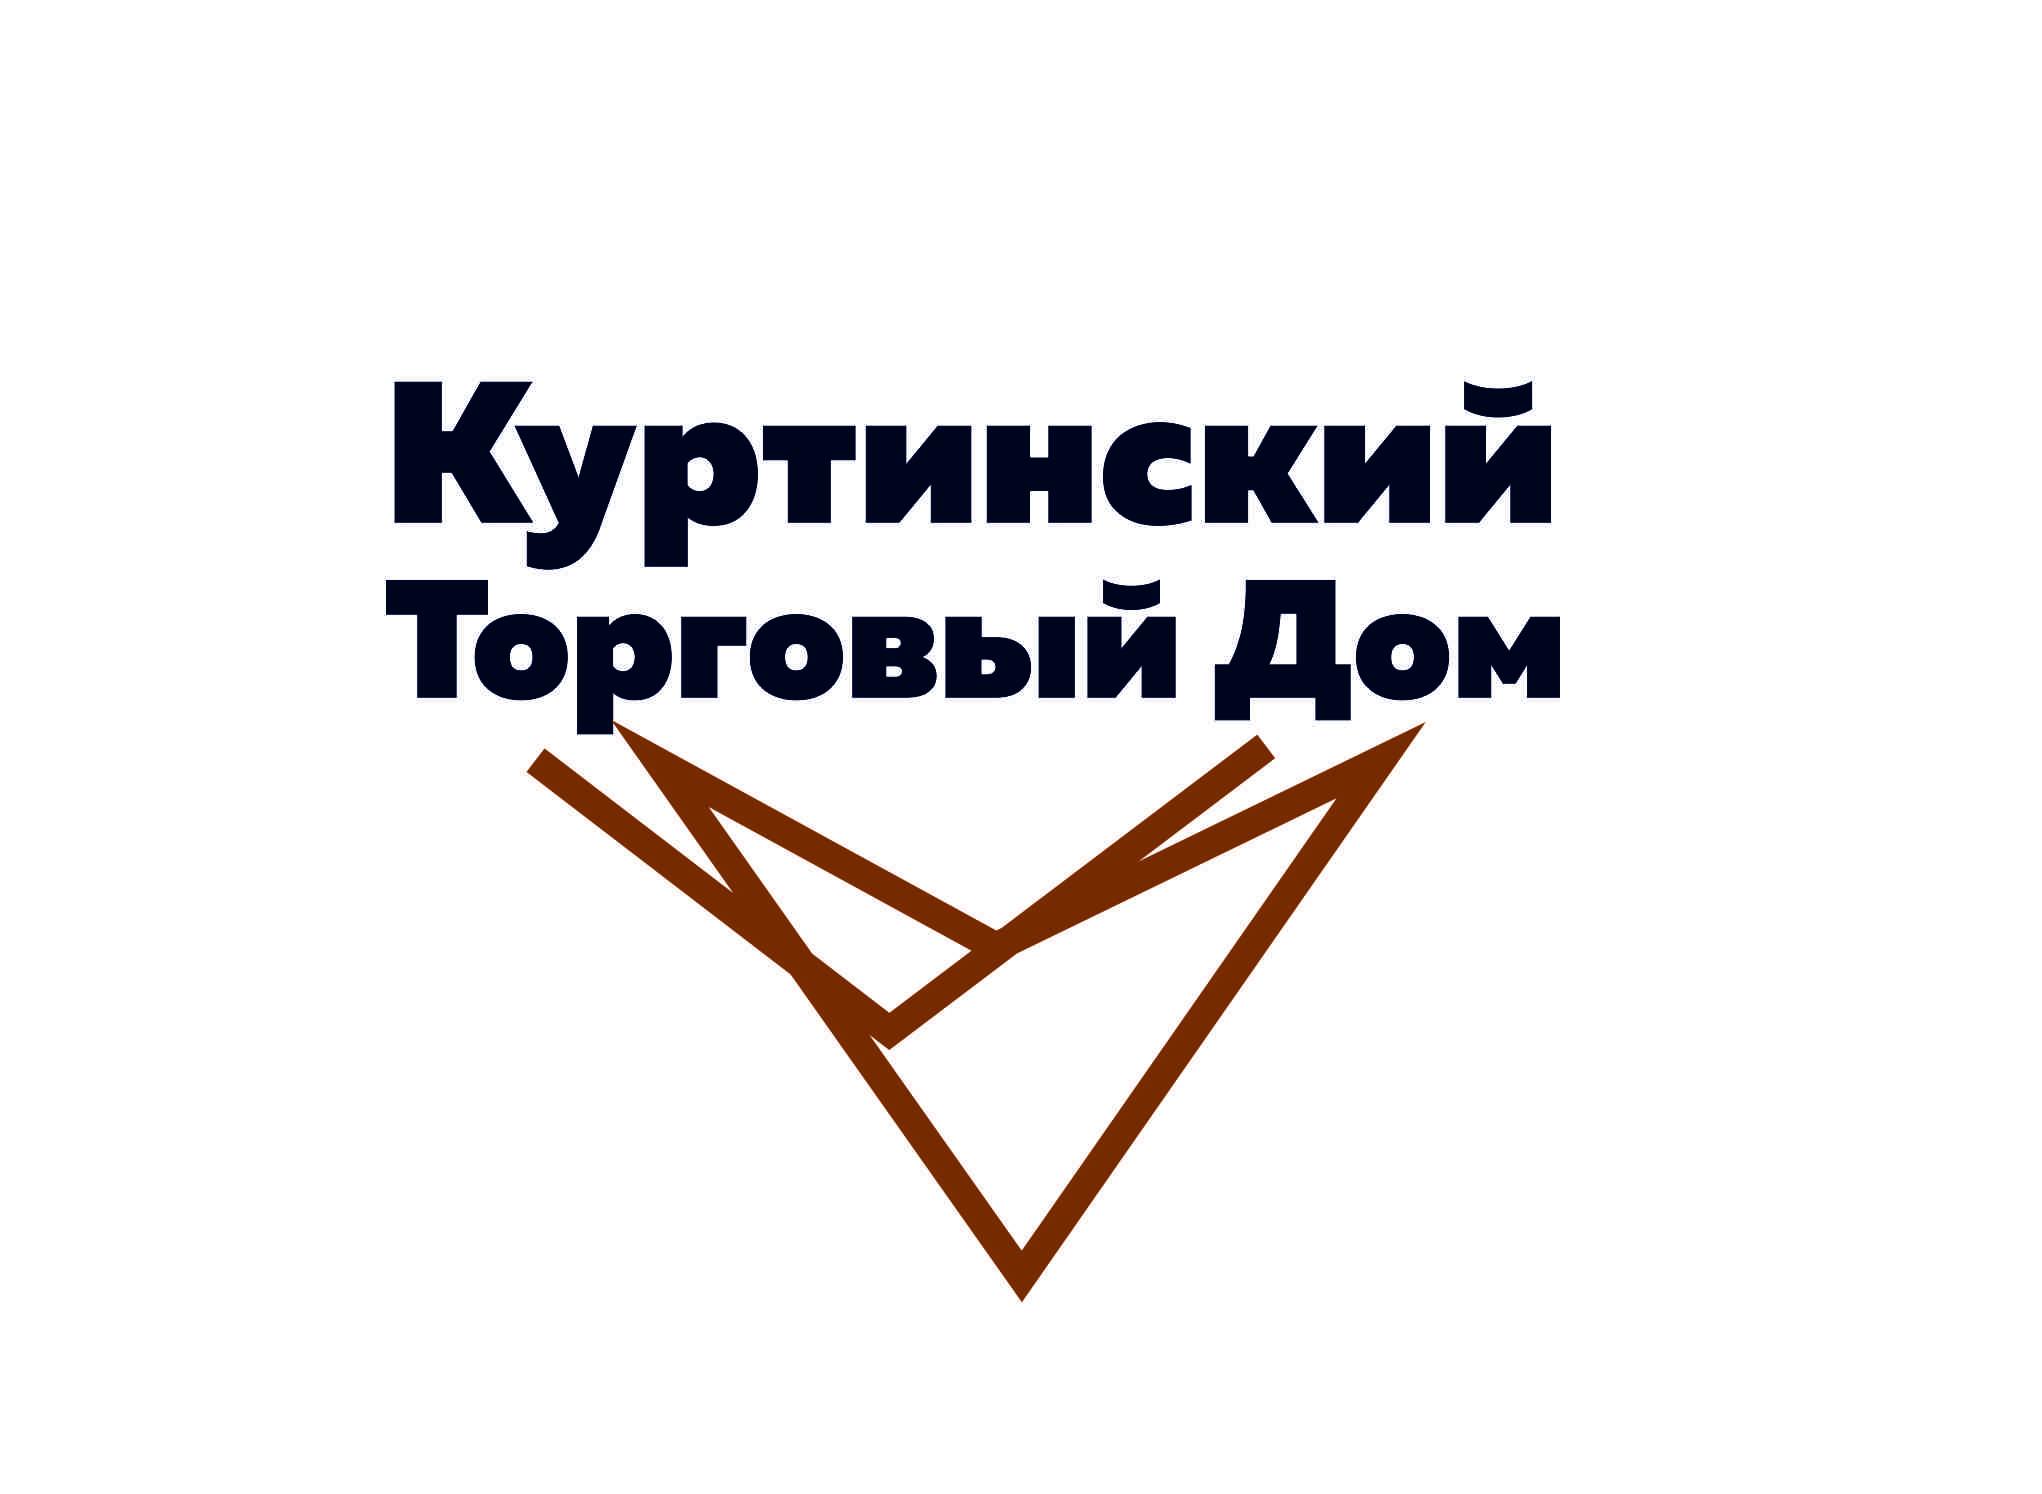 Логотип для камнедобывающей компании фото f_2325b9a742de64d1.jpg